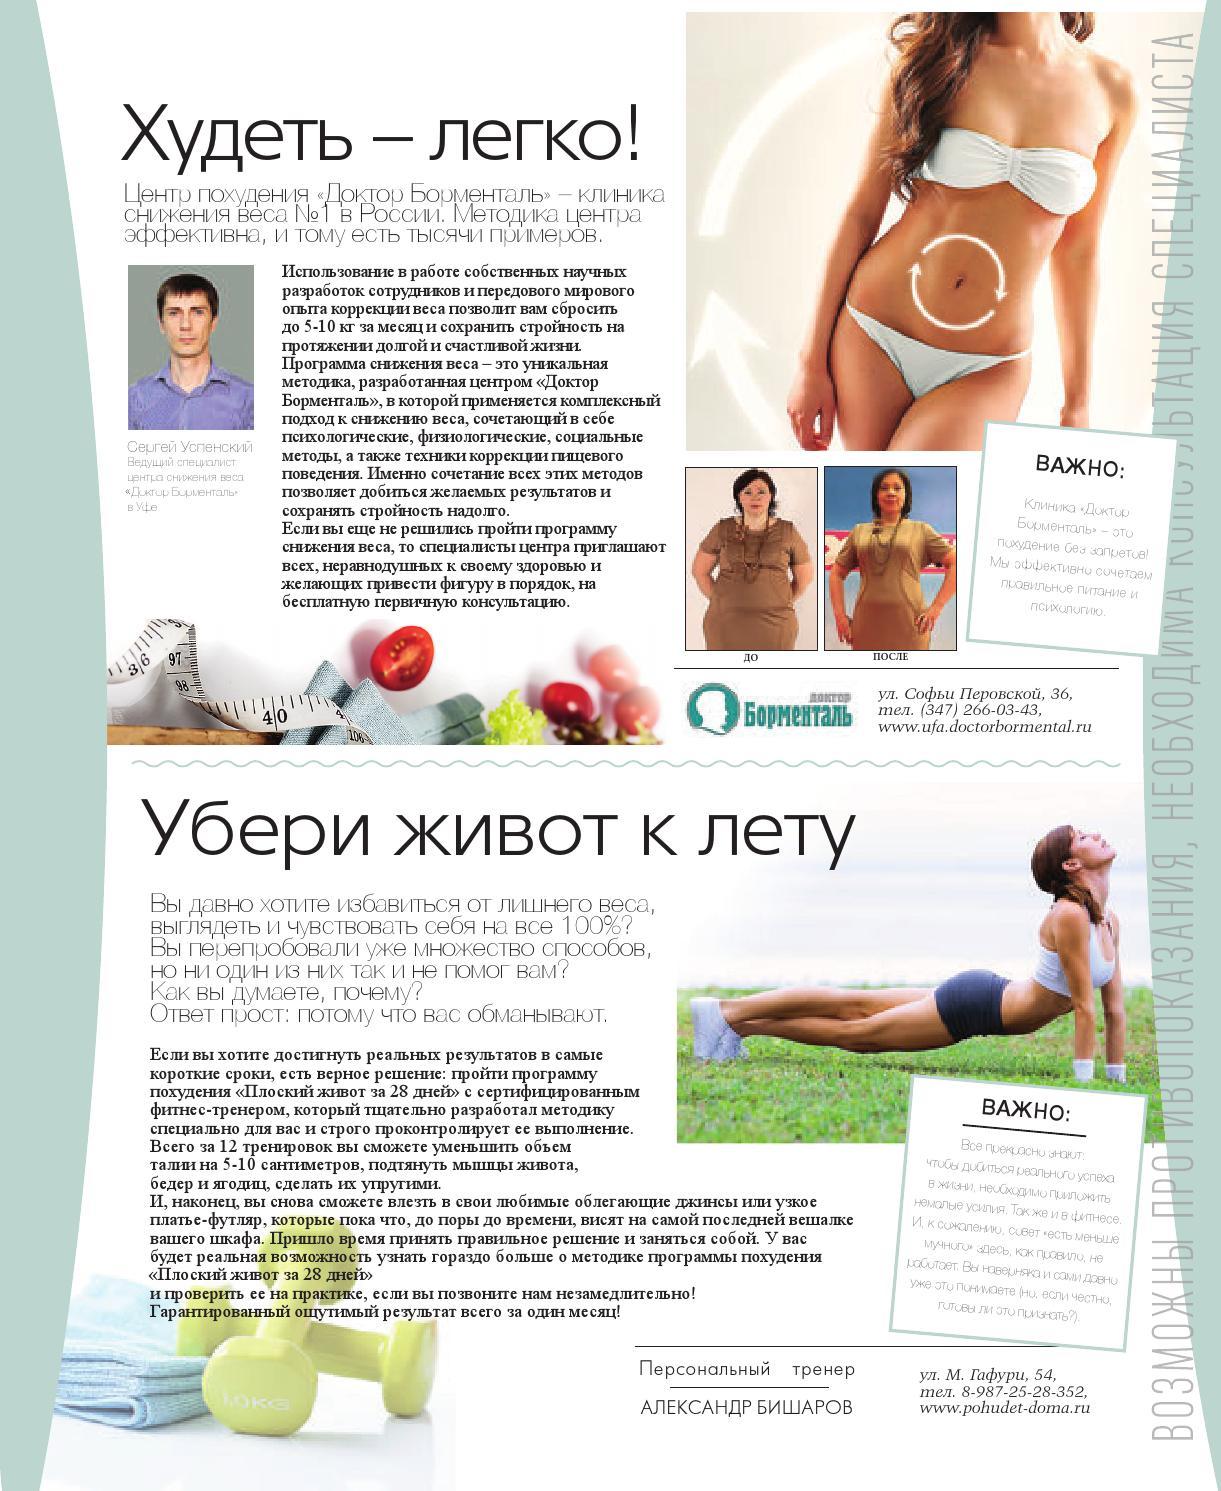 Методика похудения ru